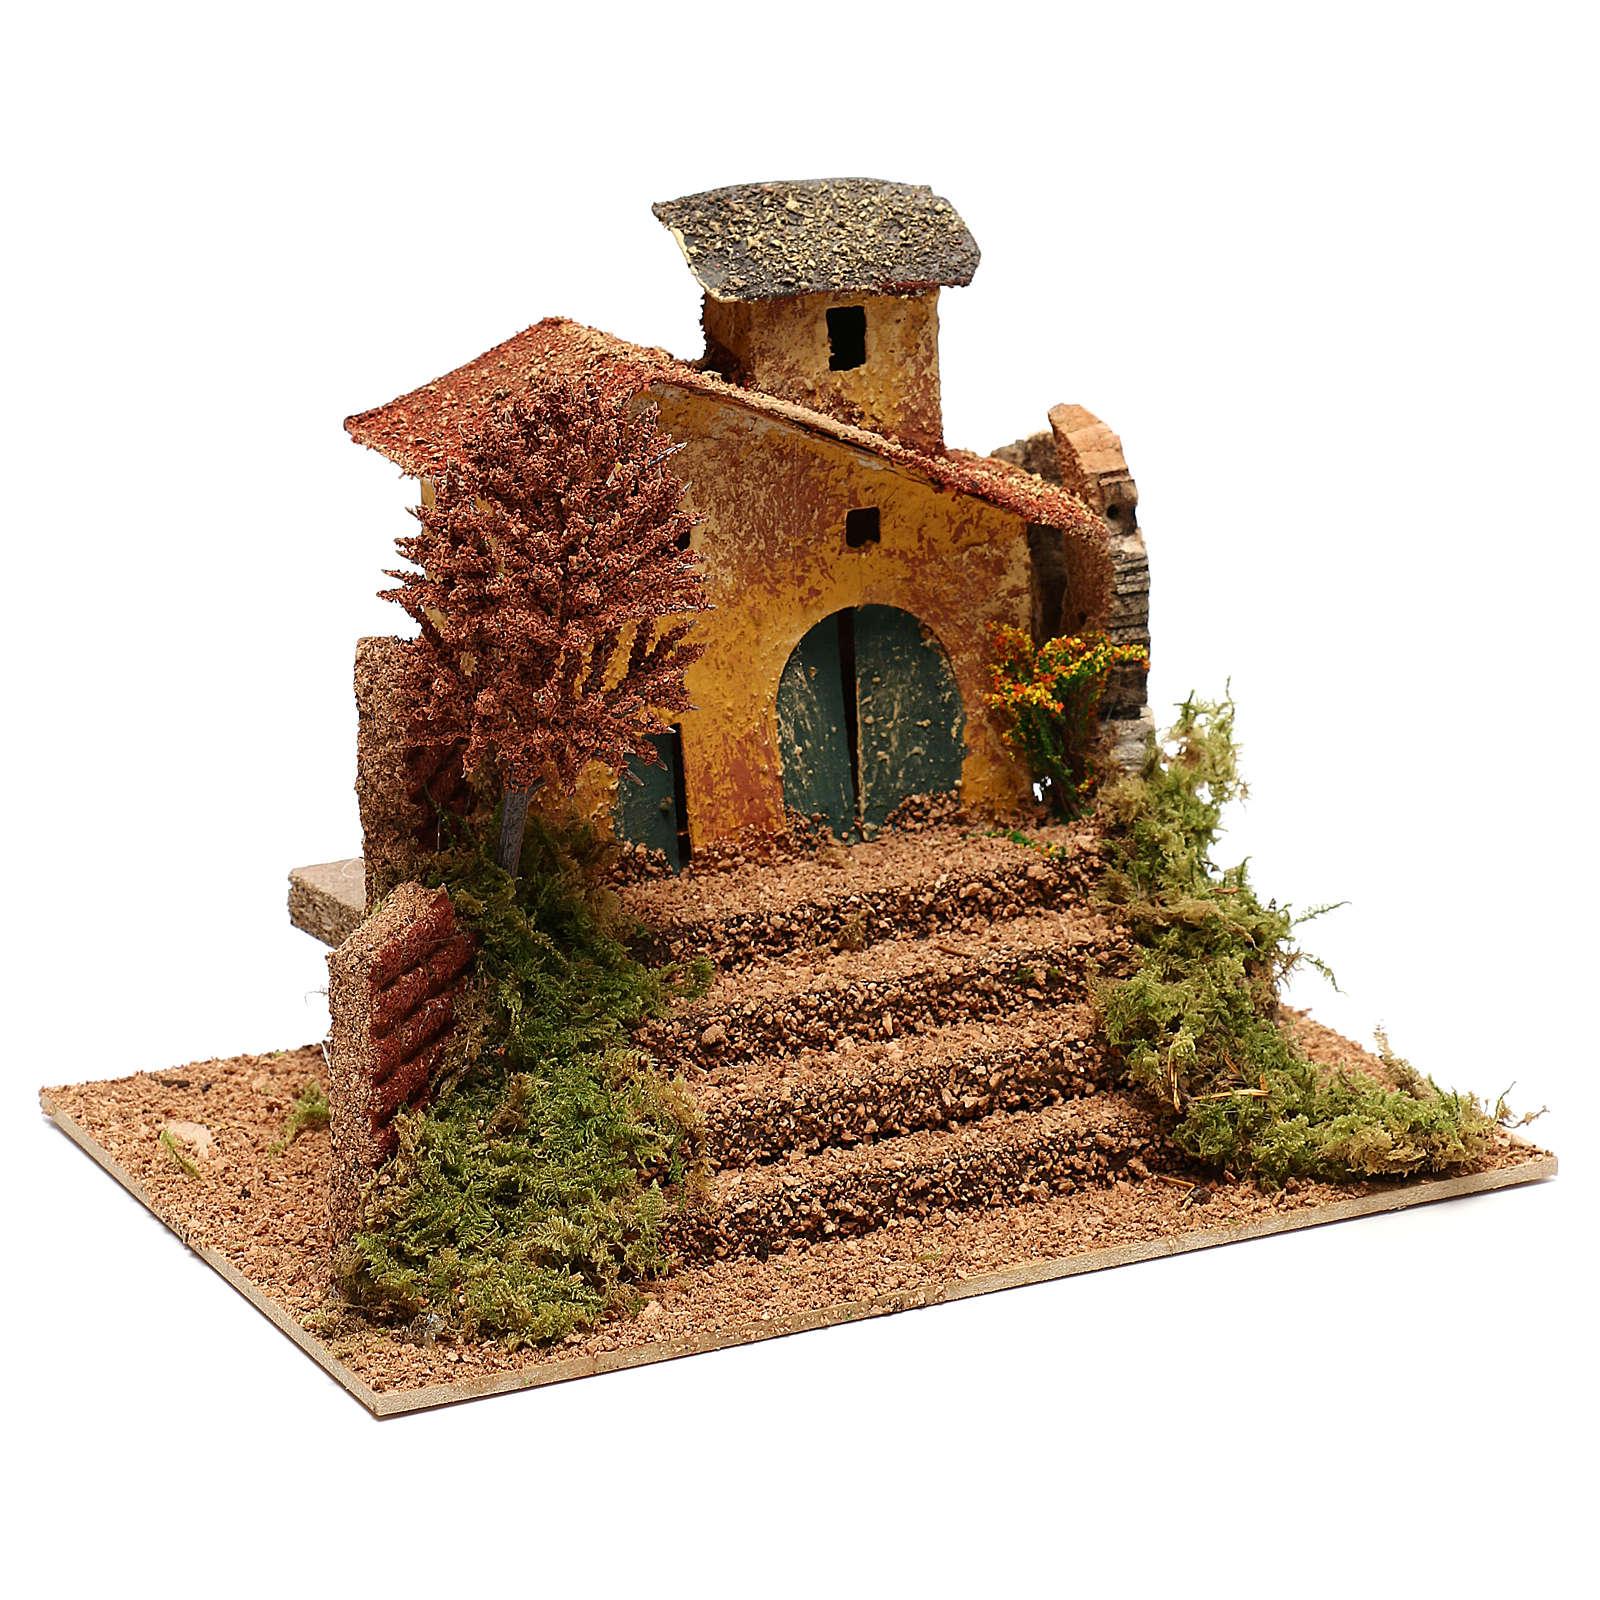 Ferme avec arbre et escalier pour crèche de 6 cm 4